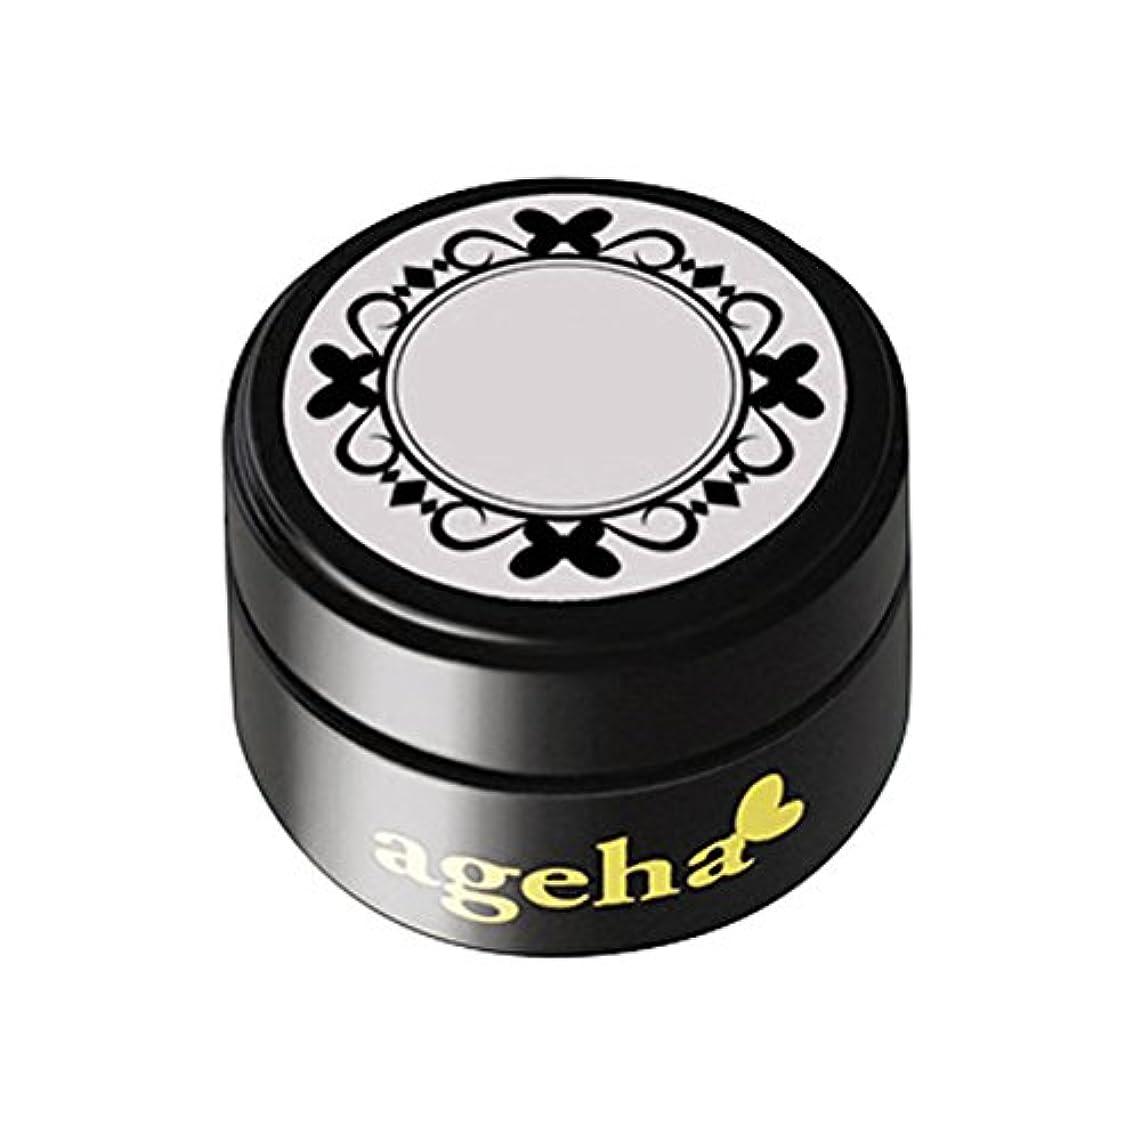 甘いサーキットに行く愛情深いageha gel カラージェル コスメカラー 110 グロッシーグレープ 2.7g UV/LED対応